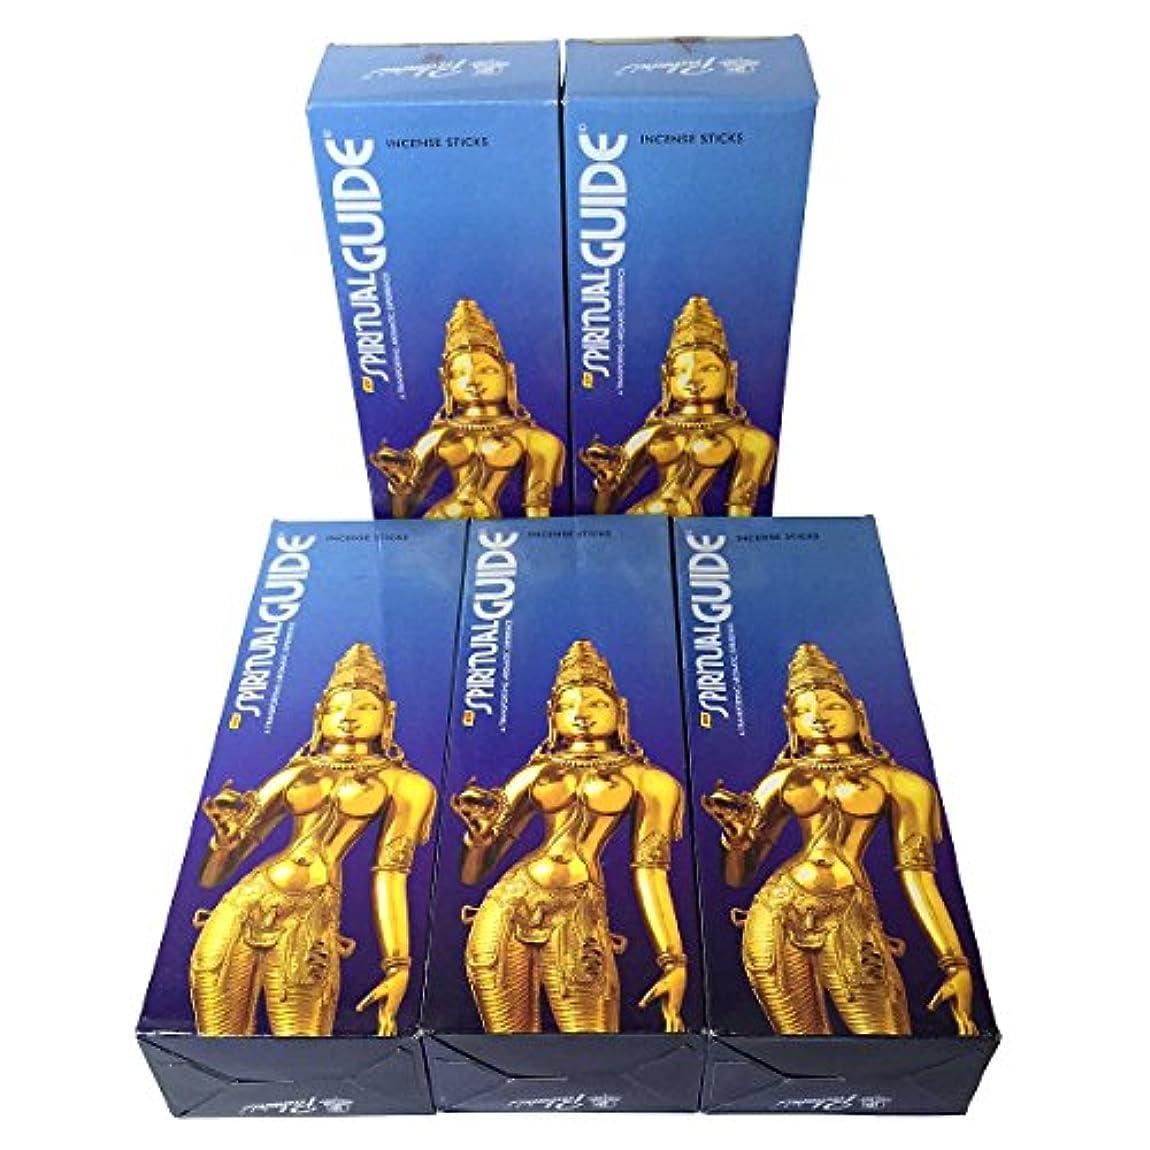 チート発火する床を掃除するスピリチュアルガイド香スティック 5BOX(30箱)/PADMINI SPIRITUALGUIDE インド香 / 送料無料 [並行輸入品]